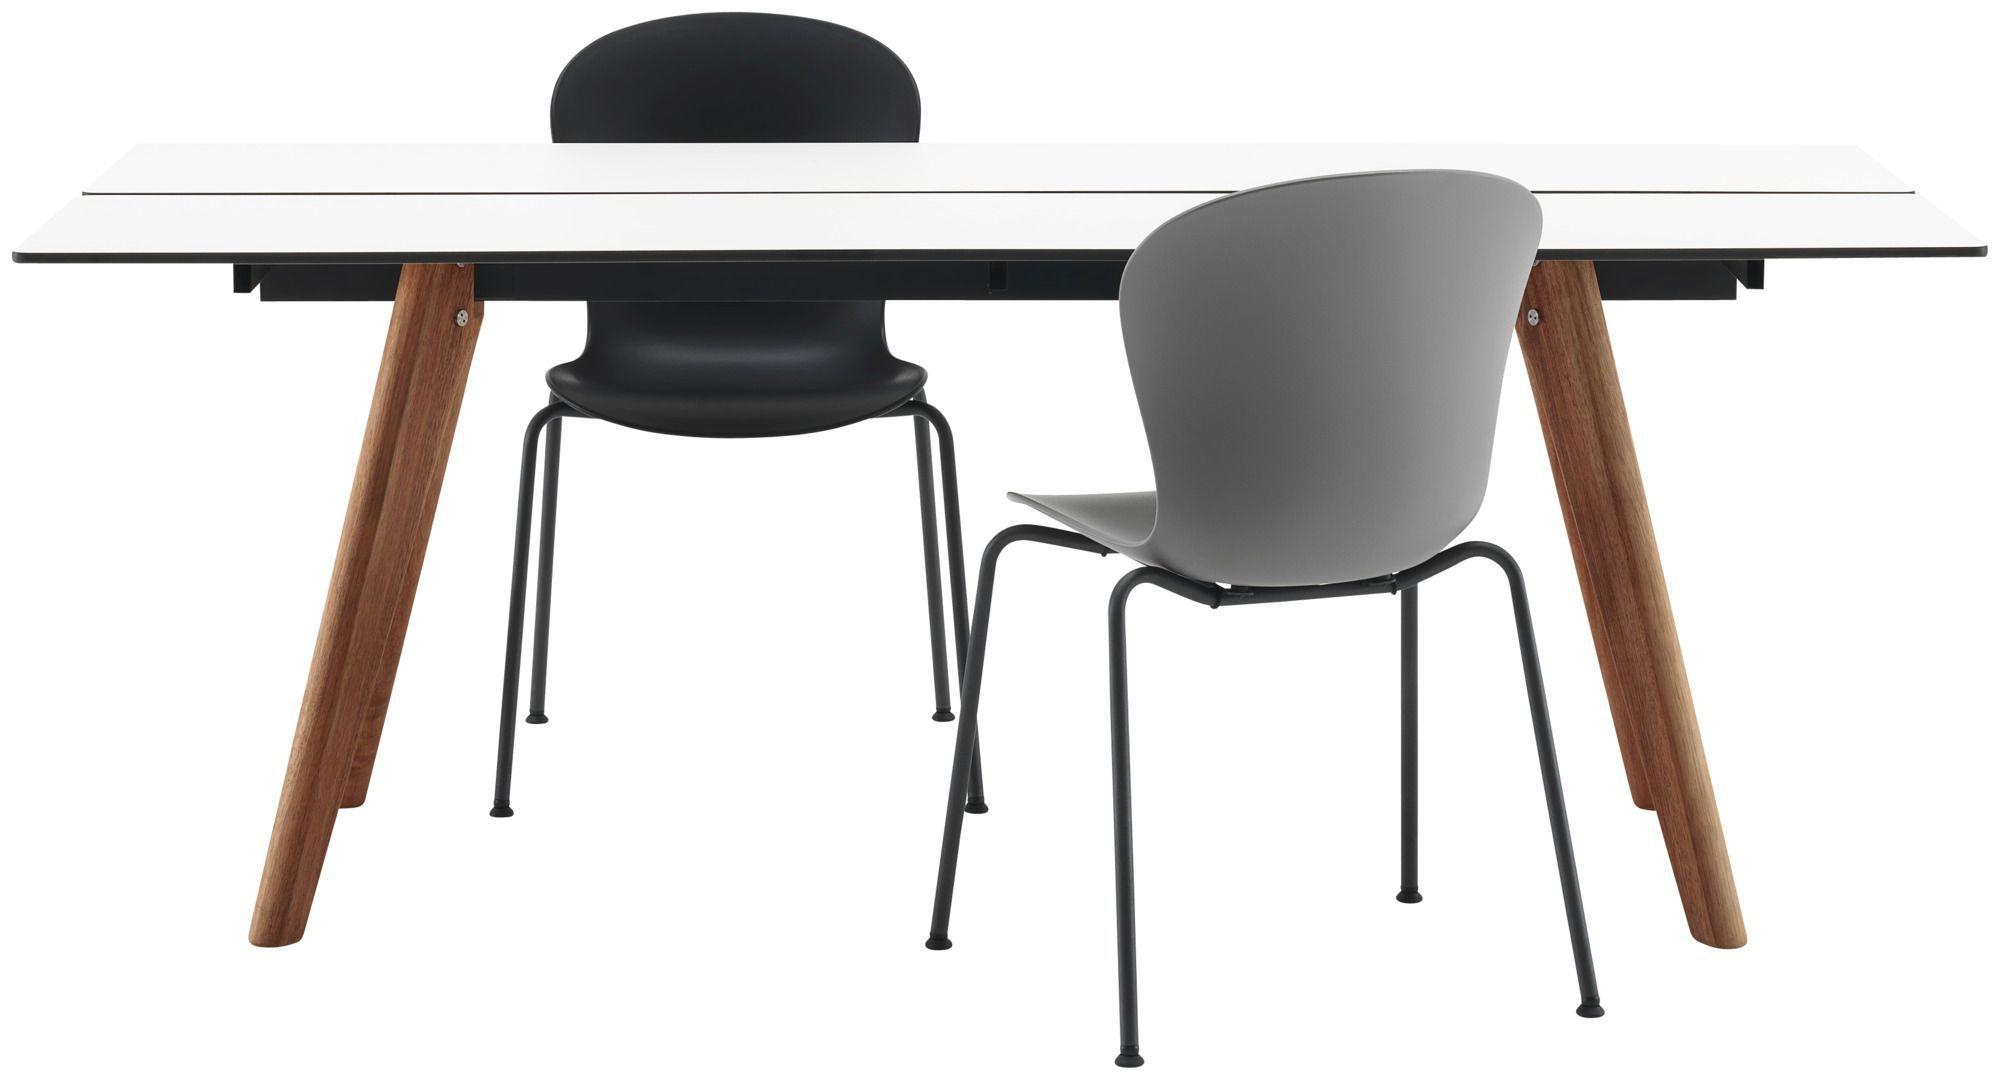 table manger en bois en stratifi adelaide boconcept with table ronde boconcept - Boconcept Esstisch